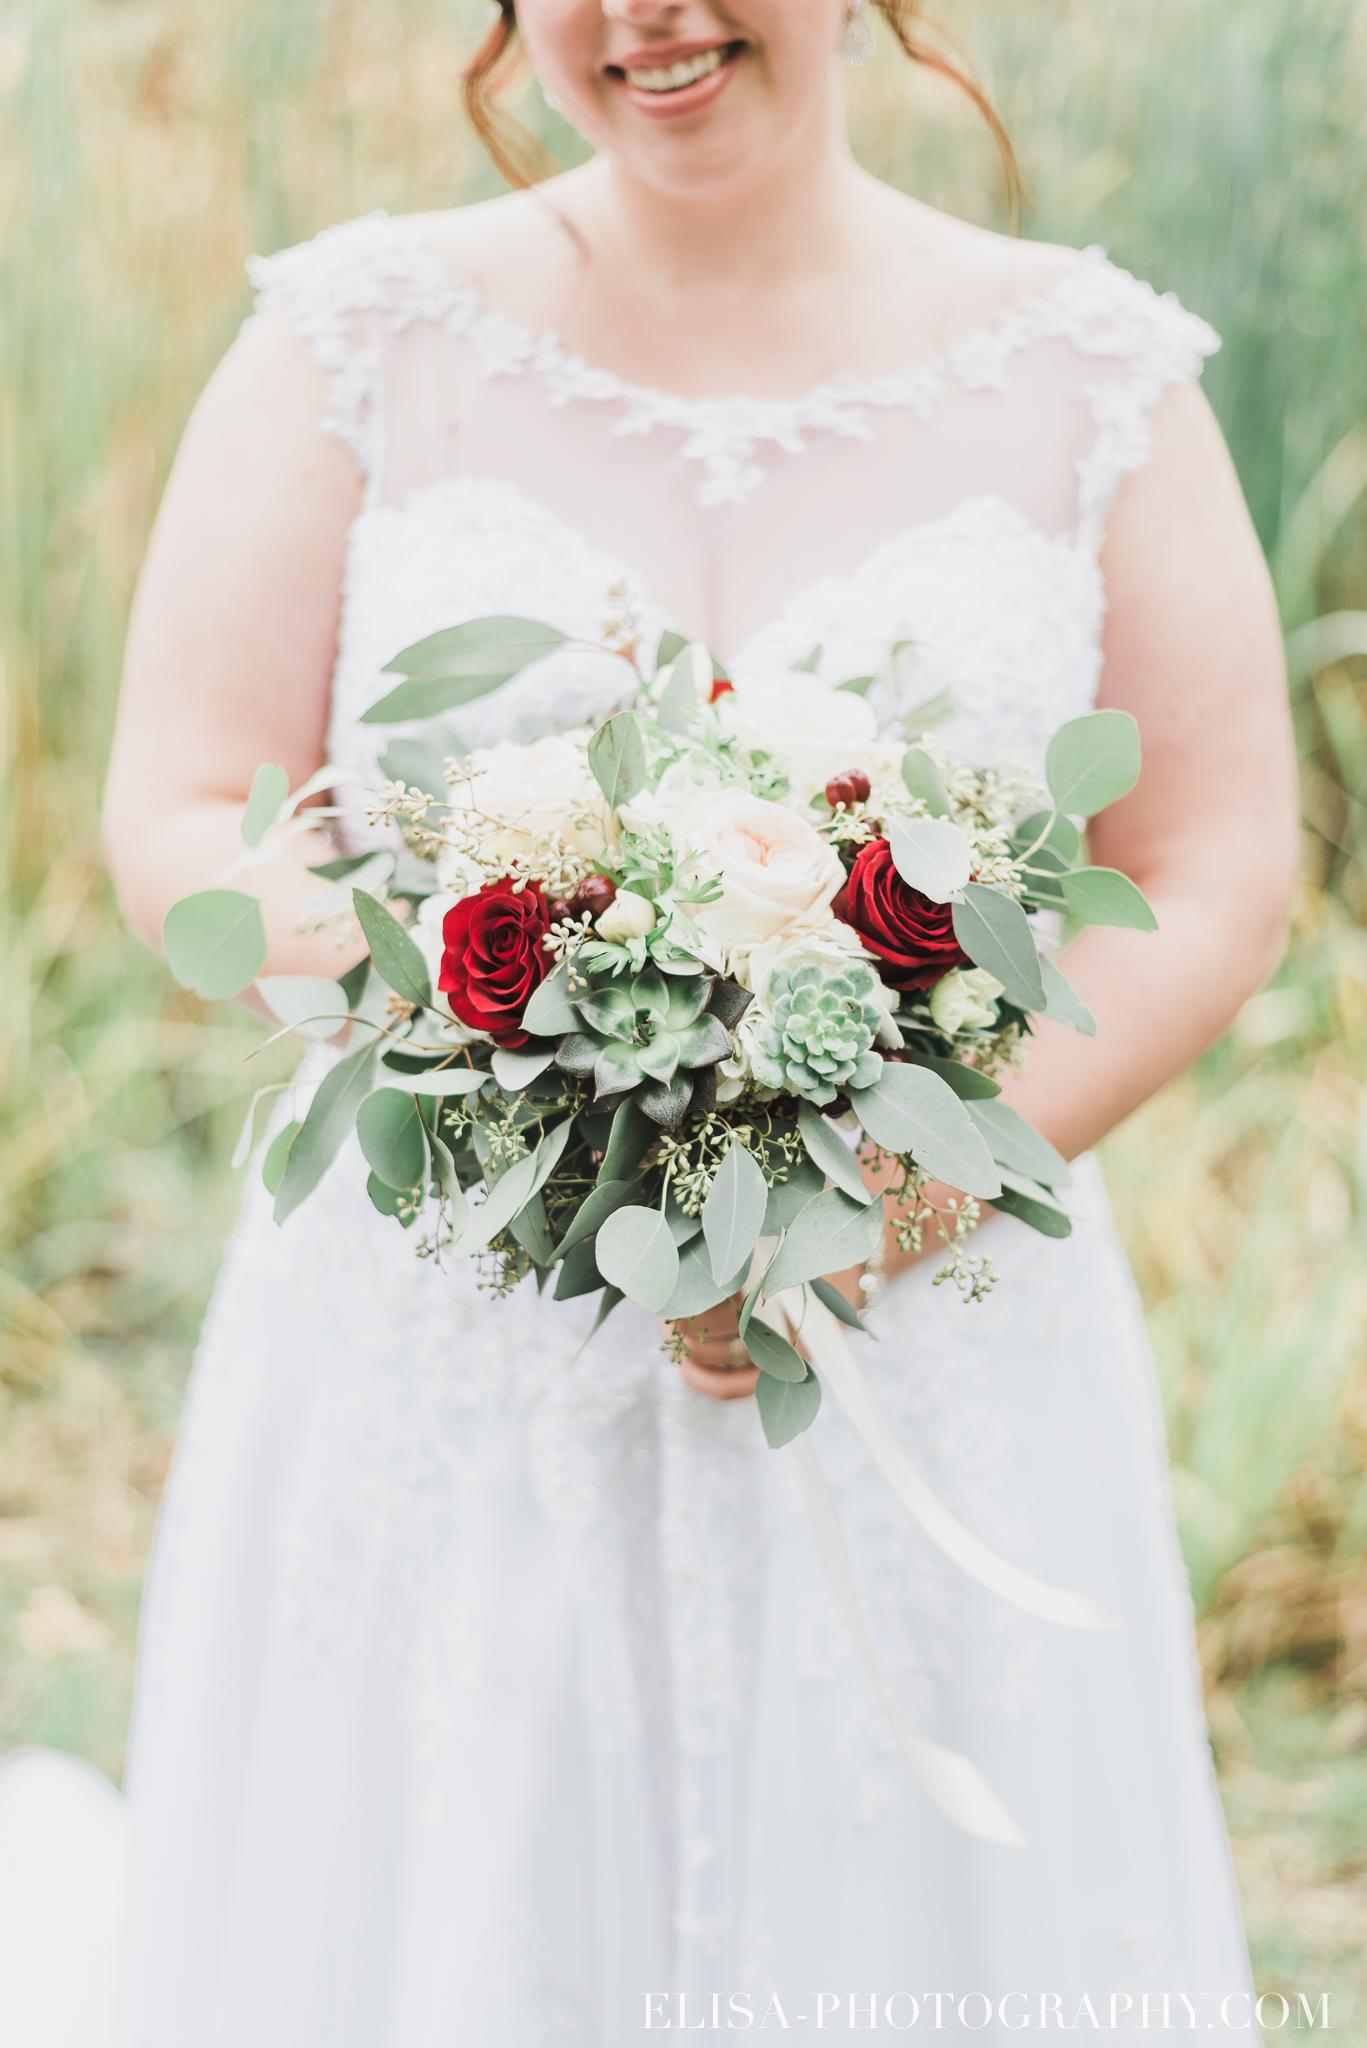 photo mariage automne domaine maizeret quebec naturel lumineuse romantique bouquet rose rouge 5693 - Mariage à saveur automnale à l'Espace Saint-Grégoire